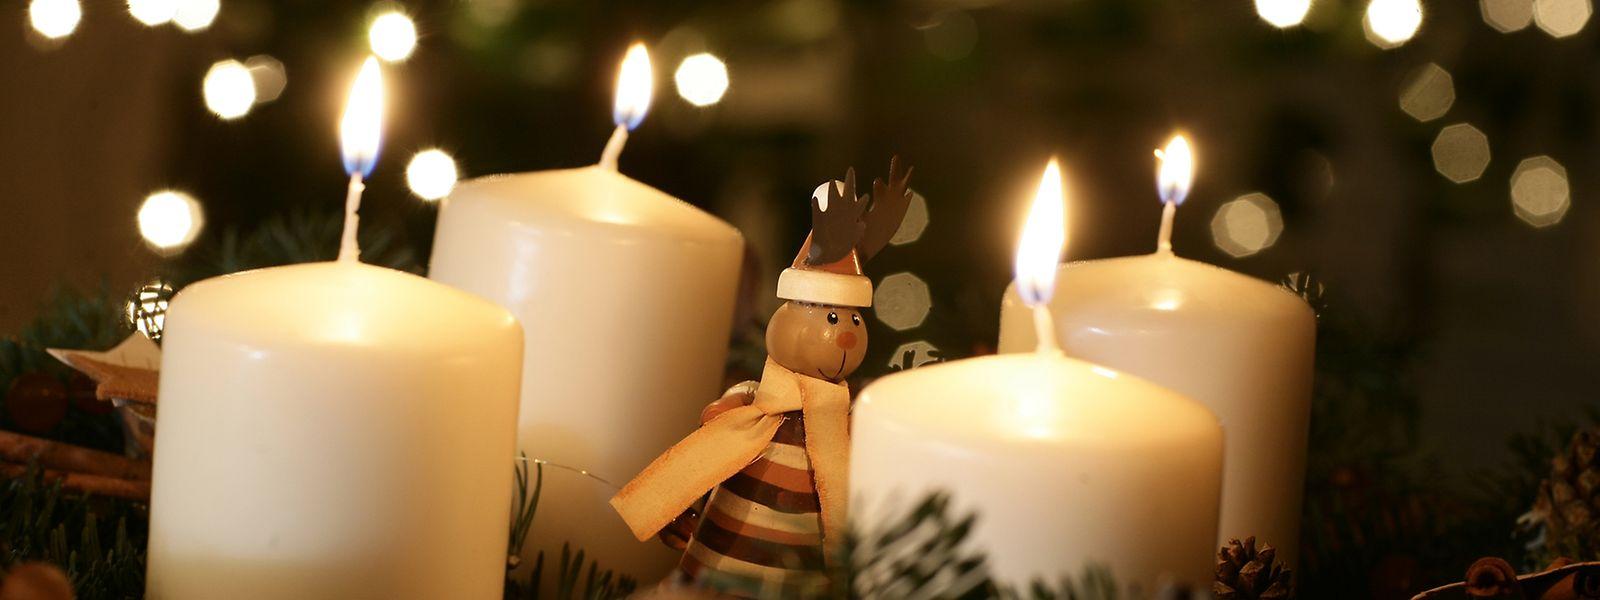 Zur Adventszeit brennt es häufiger als man denkt.